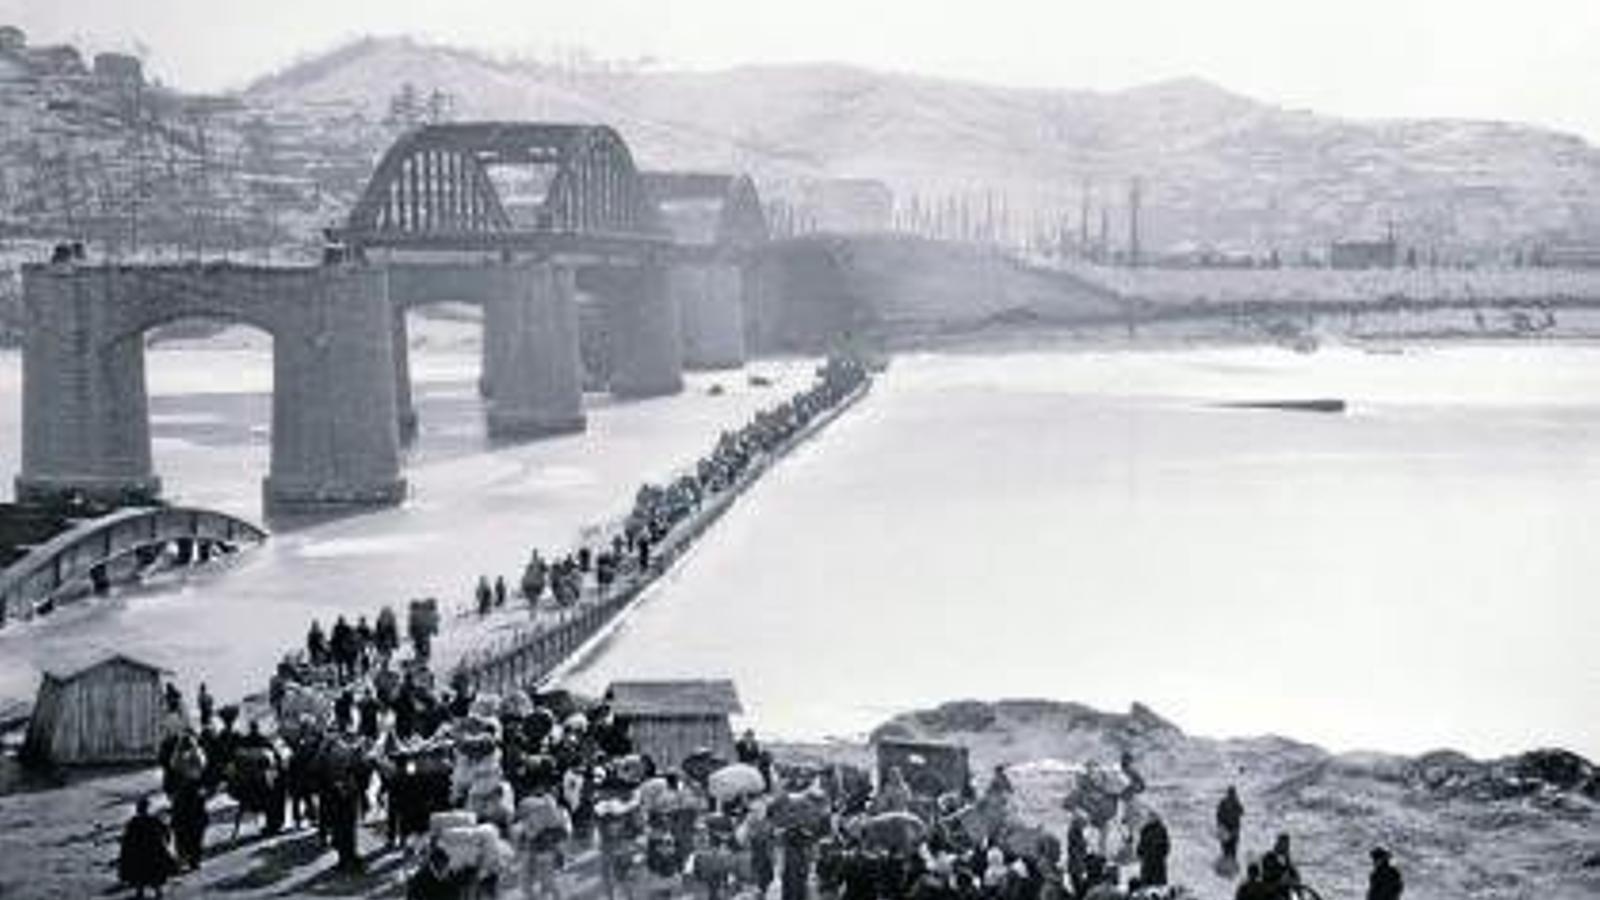 PEREGRINATGE. Refugiats coreans travessen el riu a través d'un pas provisional, construït al costat del tram danyat del pont.